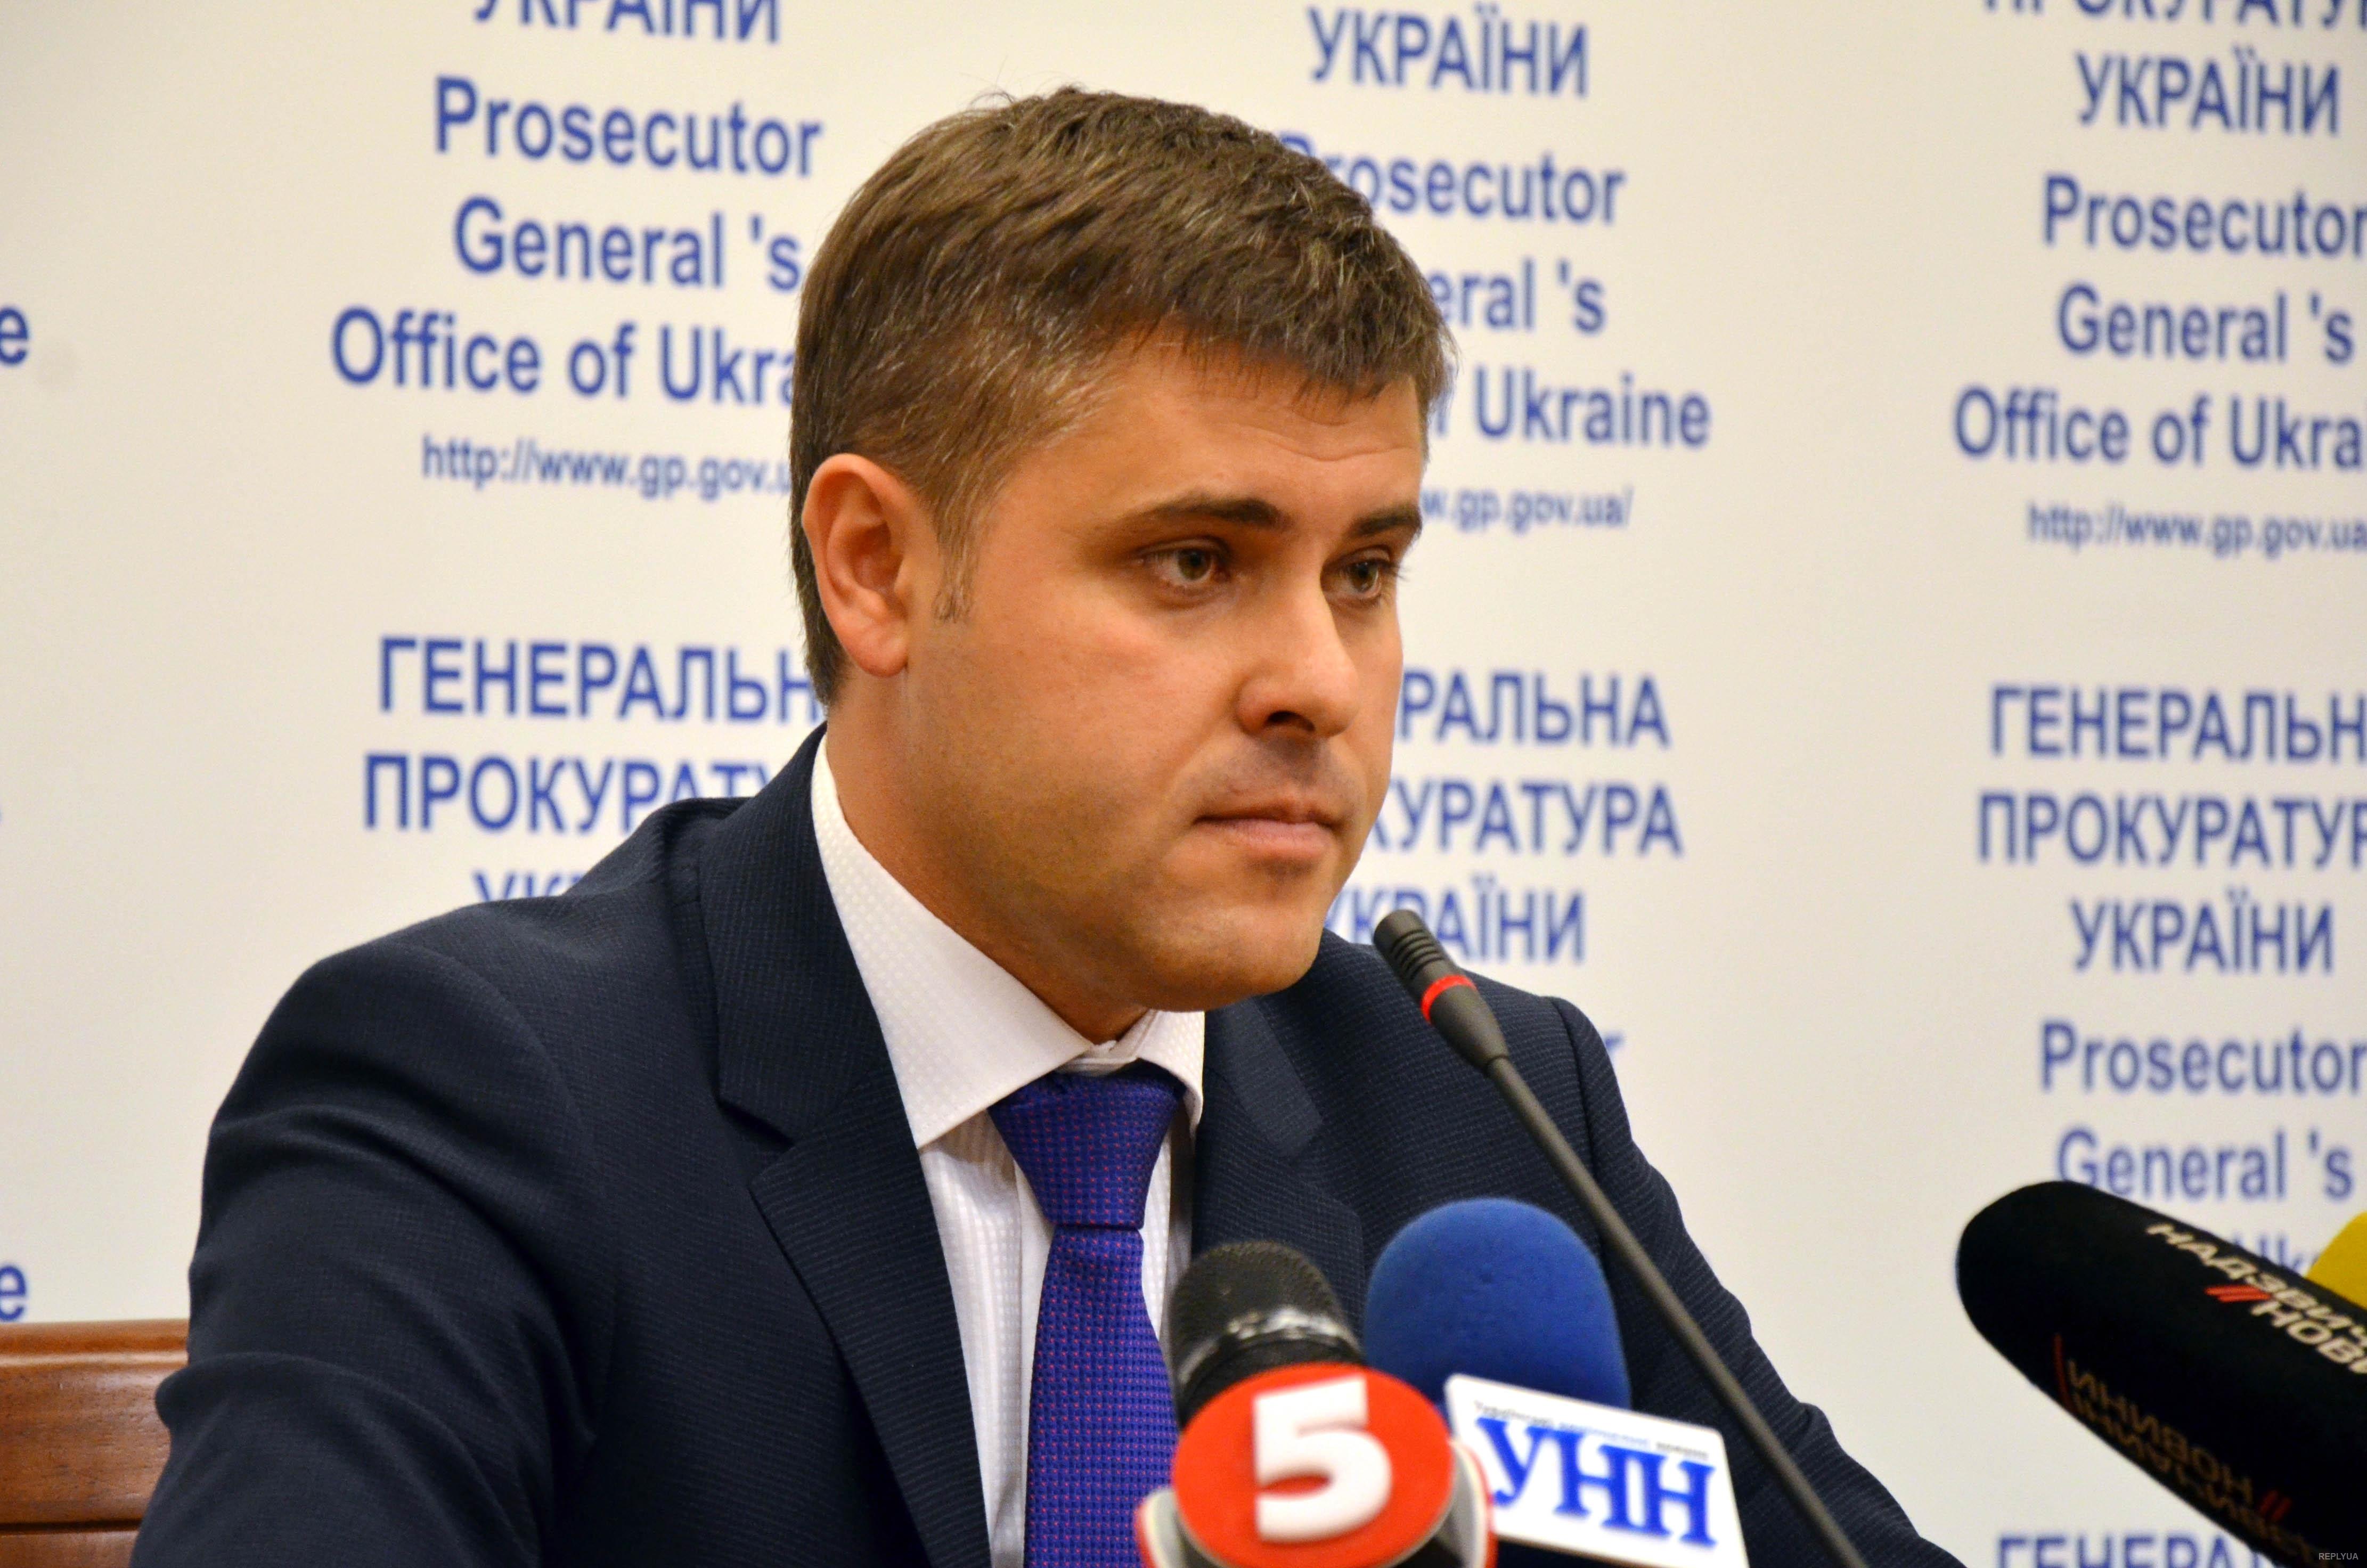 Шокин останется на посту Генерального прокурора Украины, - Куценко